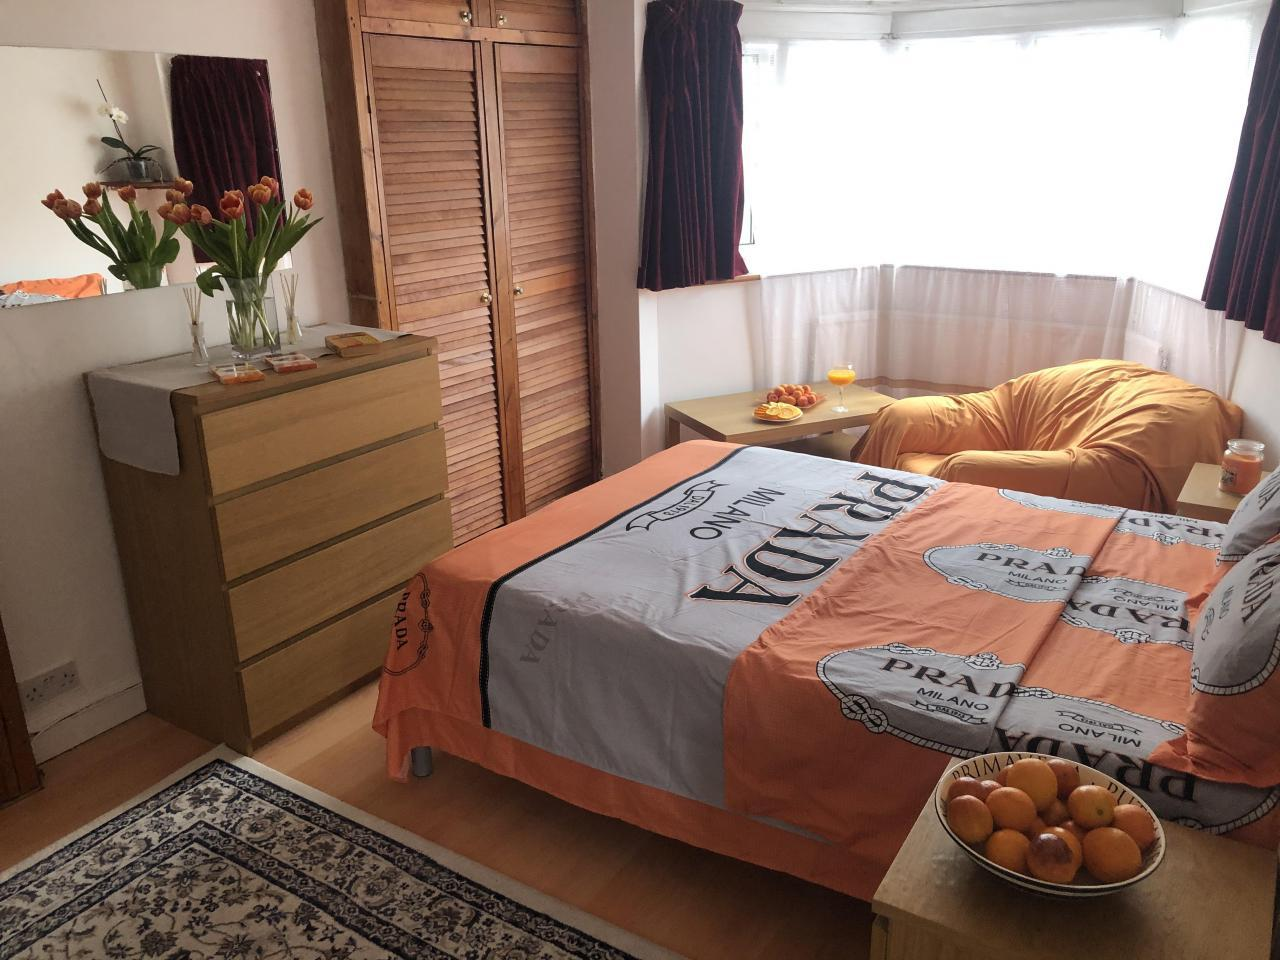 Сдается double комната в районе Tooting для одного - 4